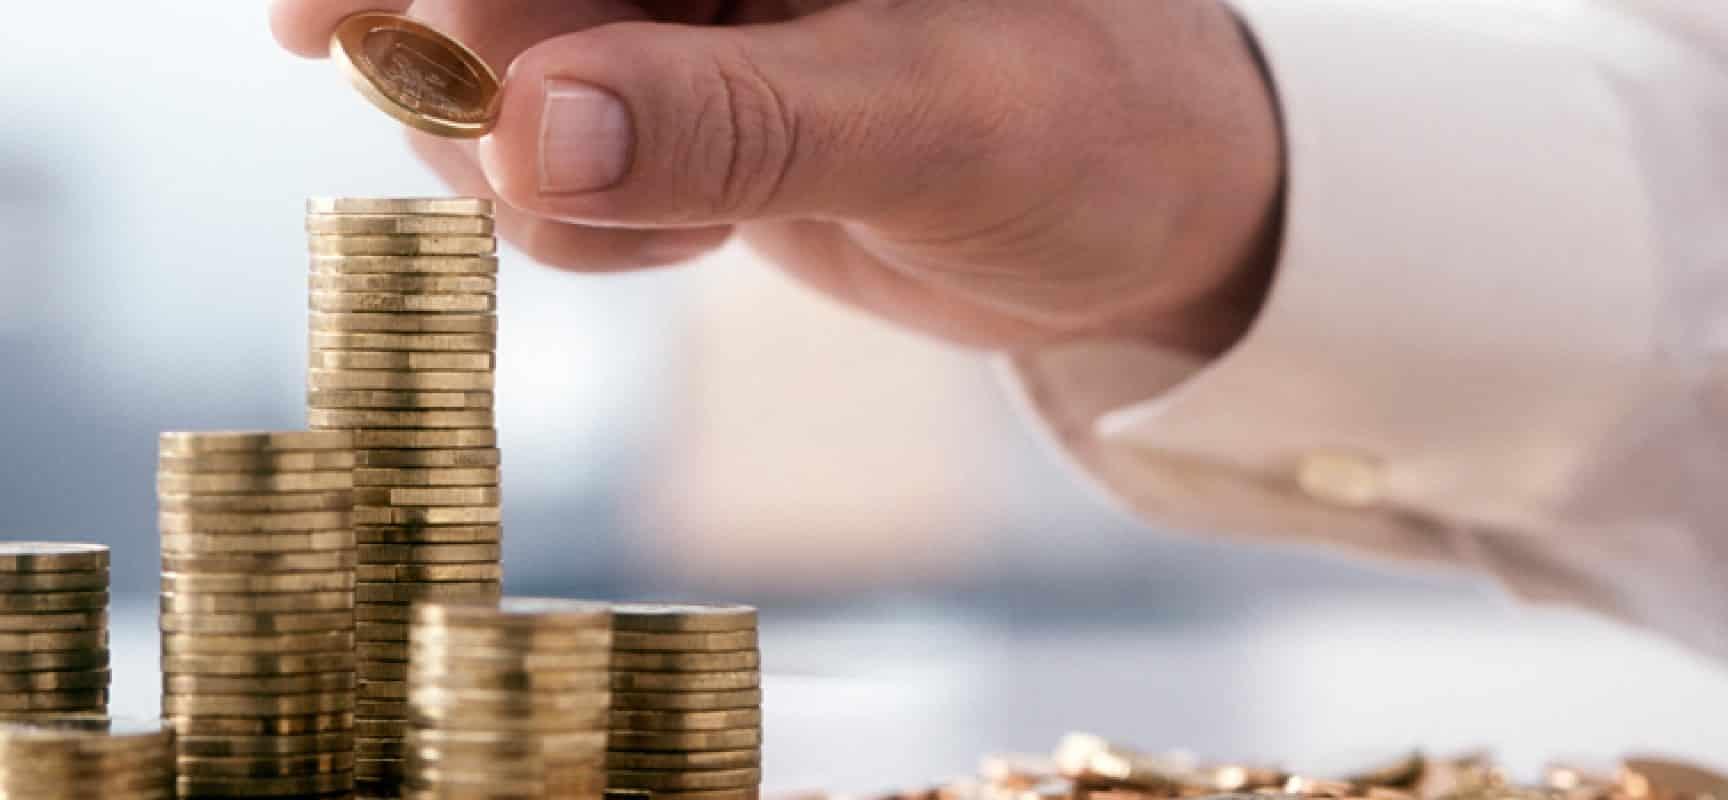 Gianluca Gentile Finanziamento alle imprese 7 Gennaio 2020